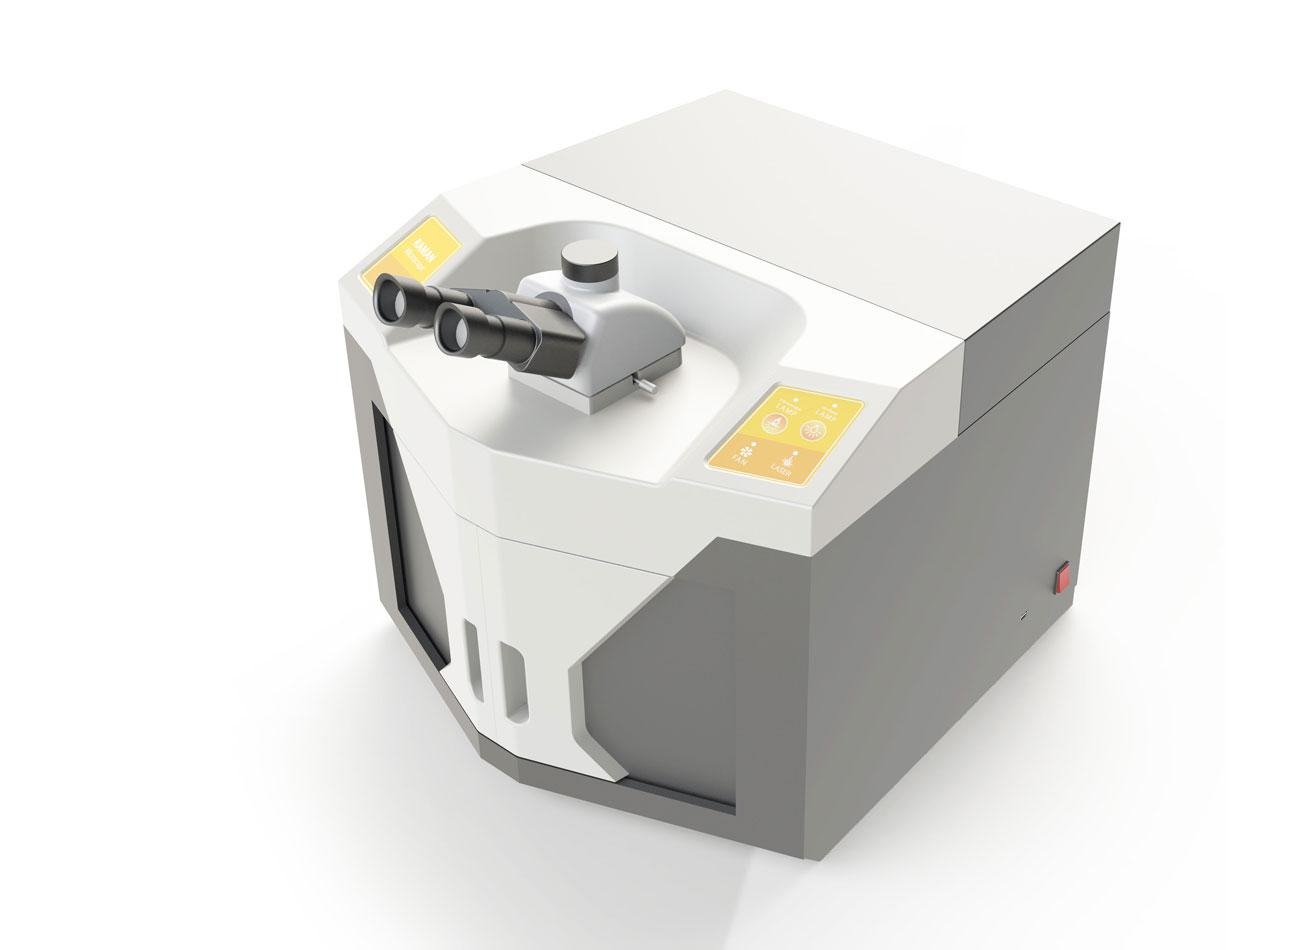 طراحی-محصول-تجهیزات-آزمایشگاهی-میکروسکپ